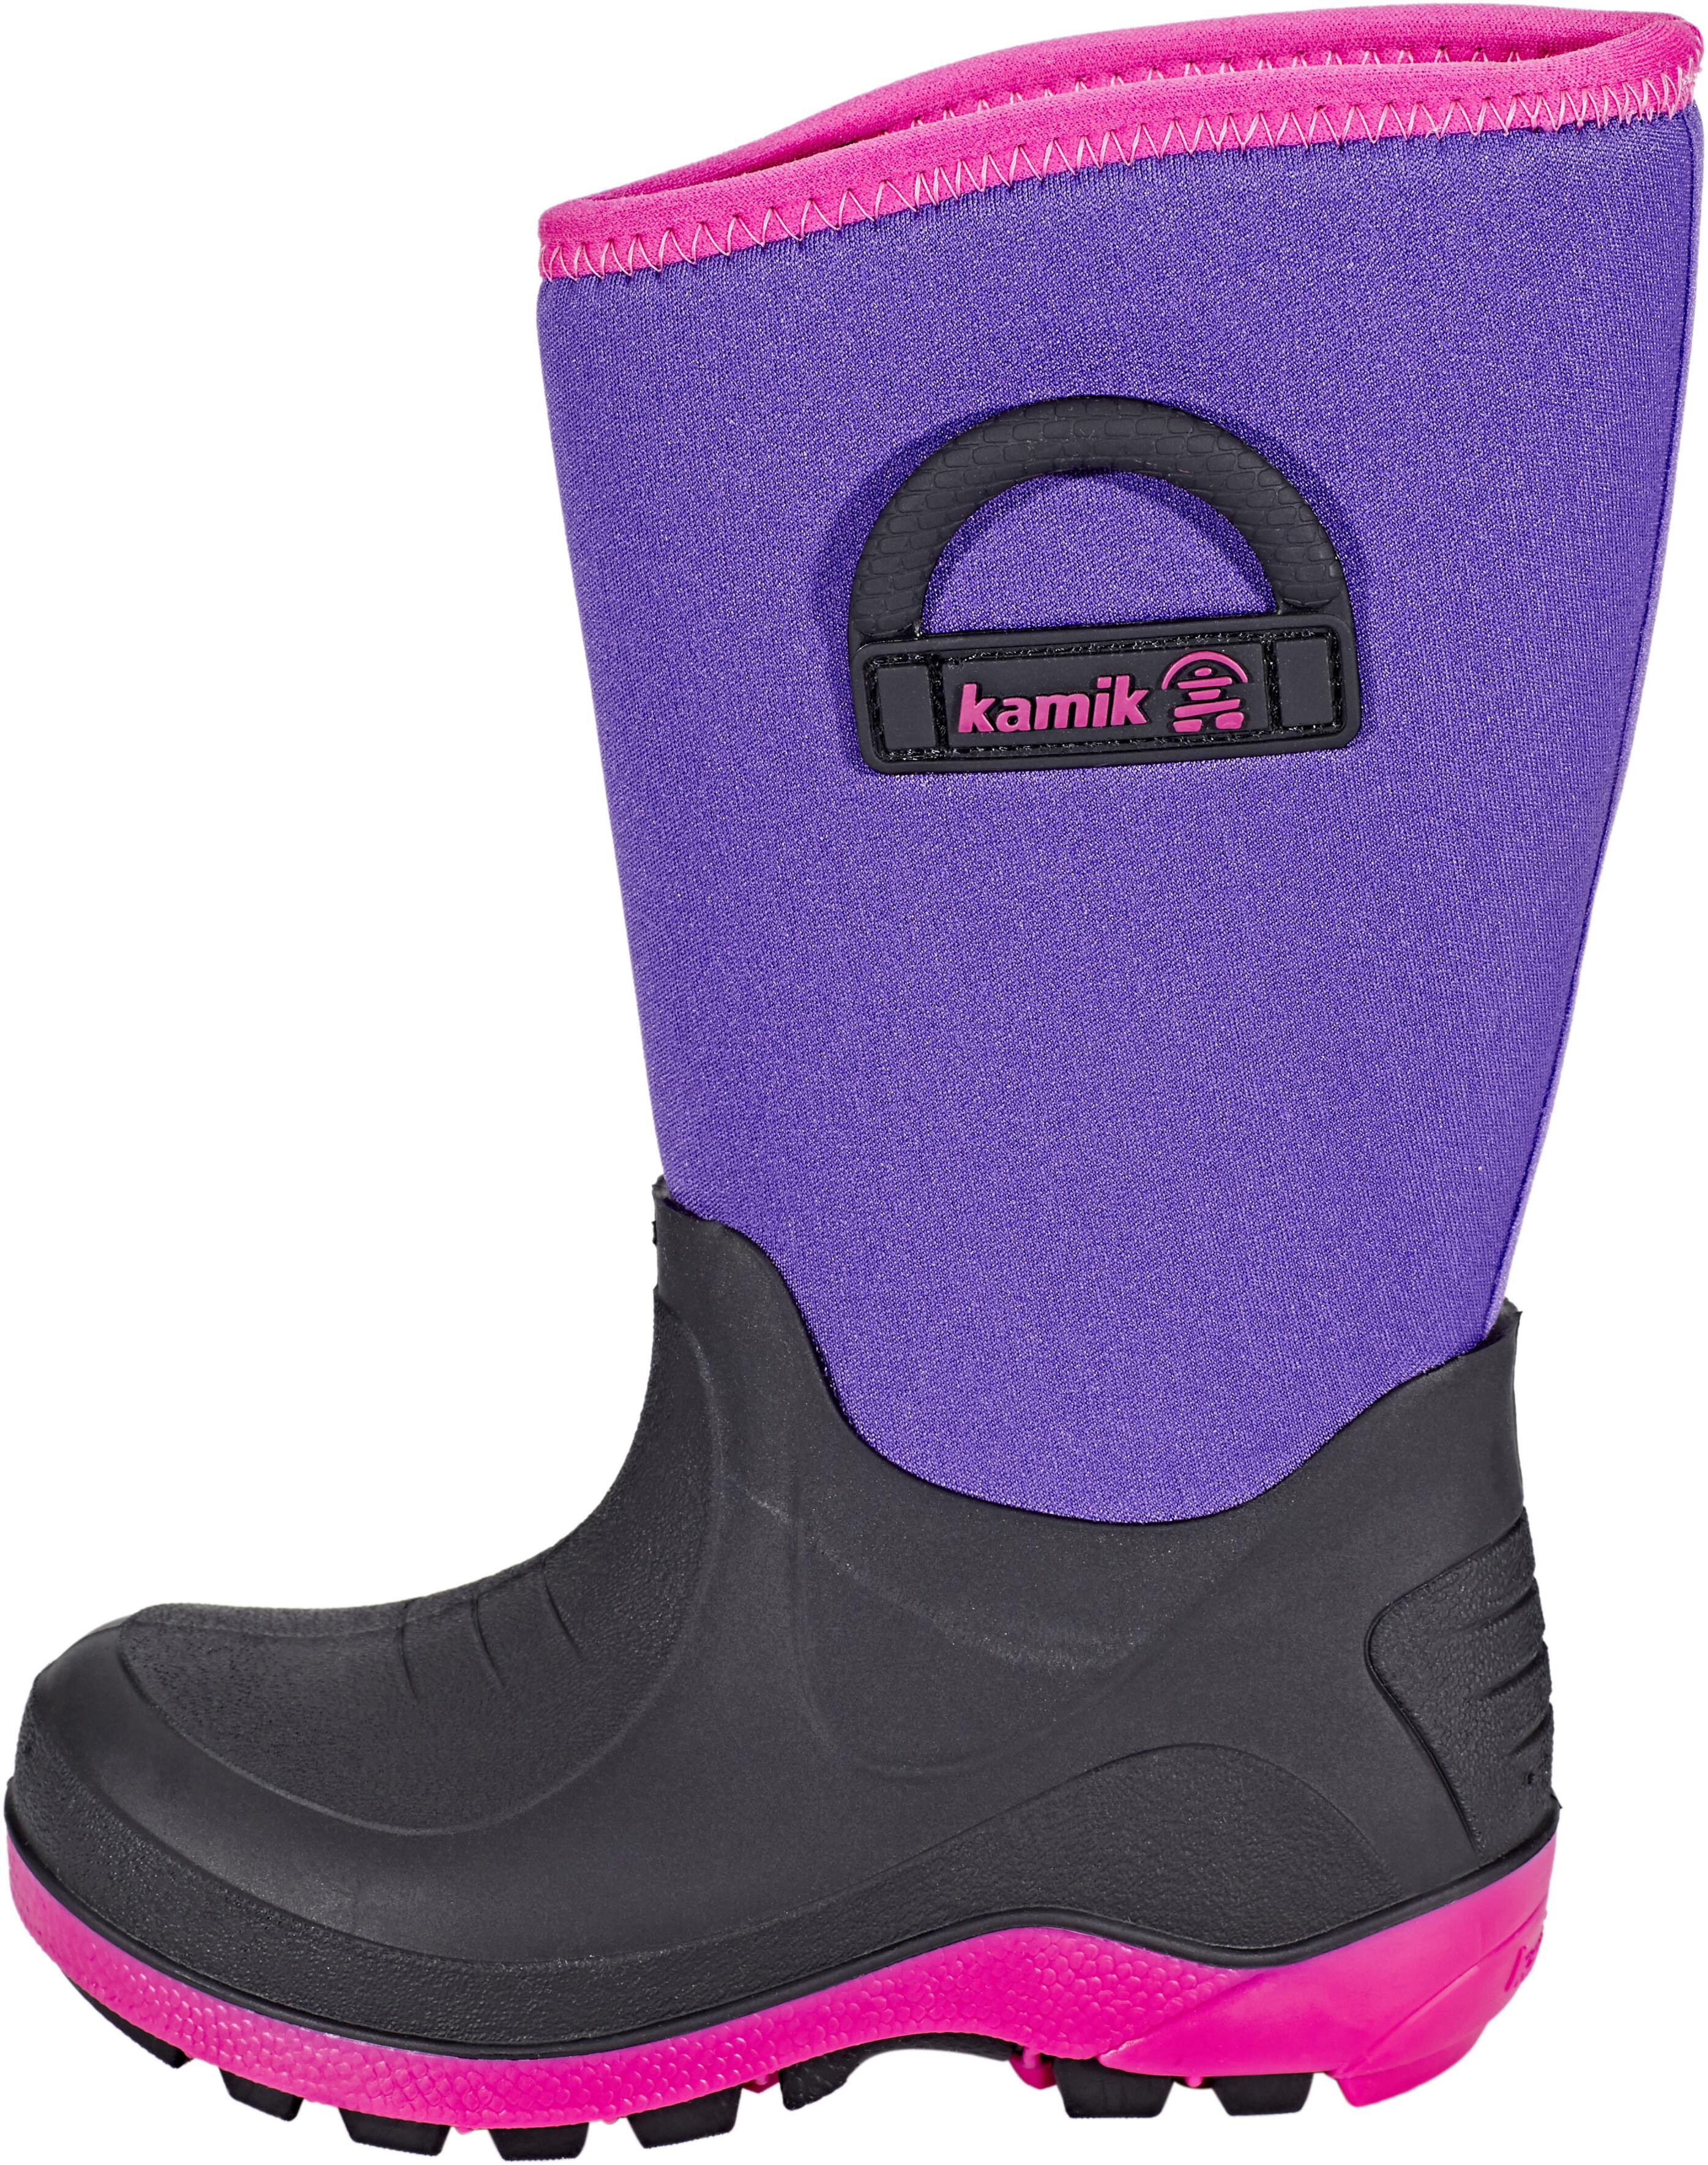 Kamik Bluster Rubber Boots Børn, purple | Find outdoortøj